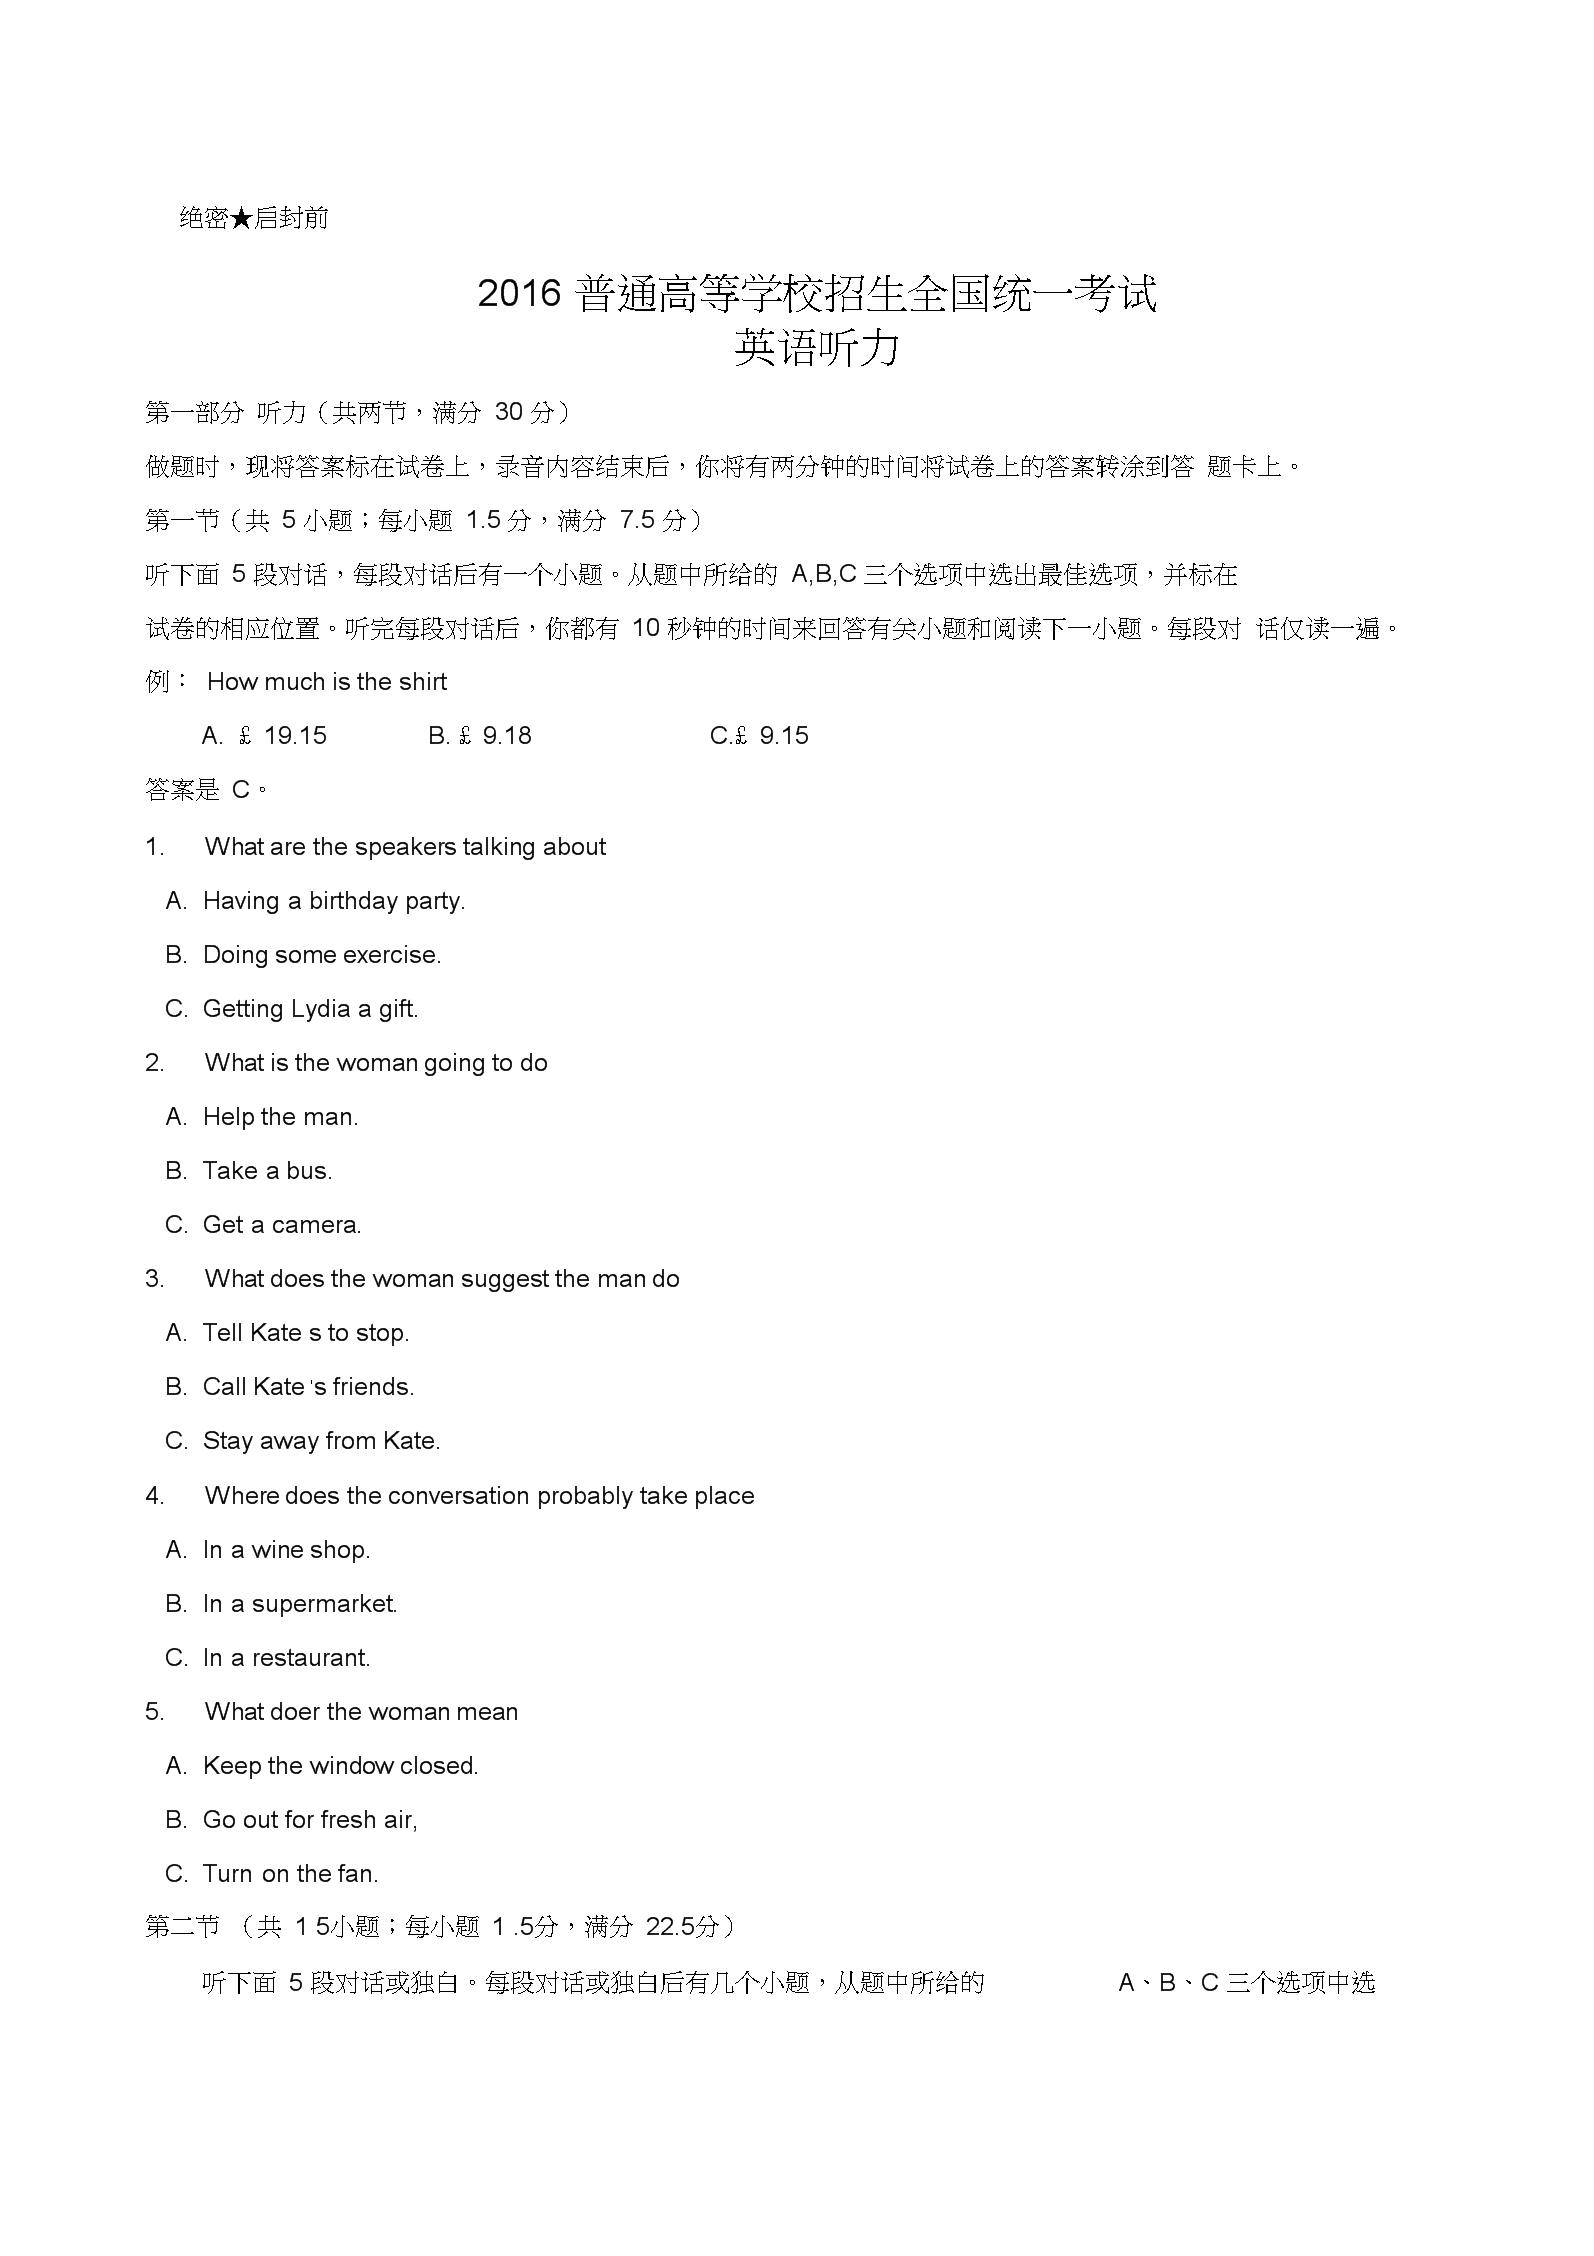 全国卷高考英语听力原文试题答案解析.docx